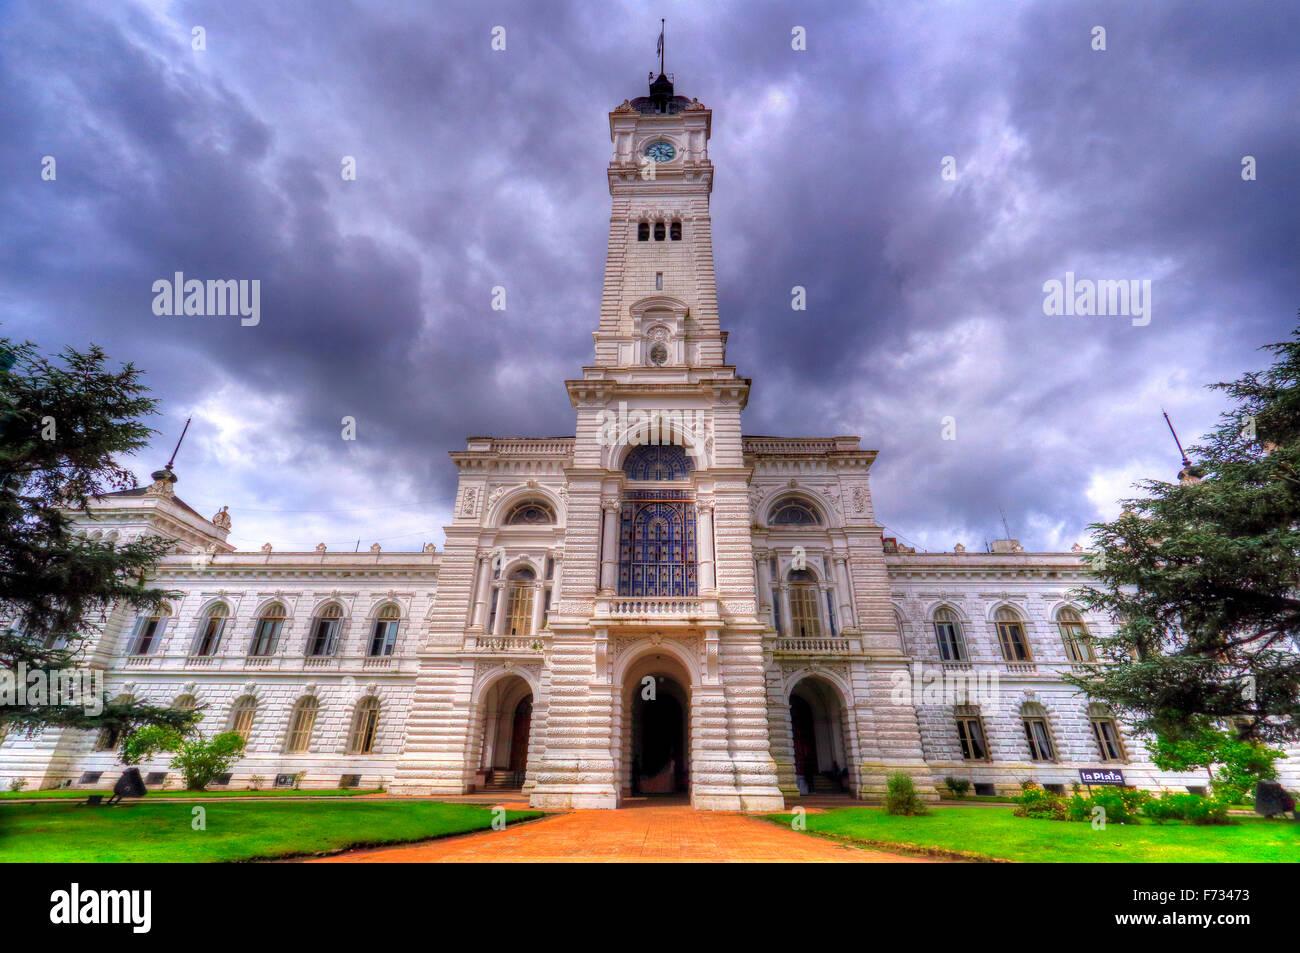 La Plata Regierung Palast, Buenos Aires, Argentinien Stockbild